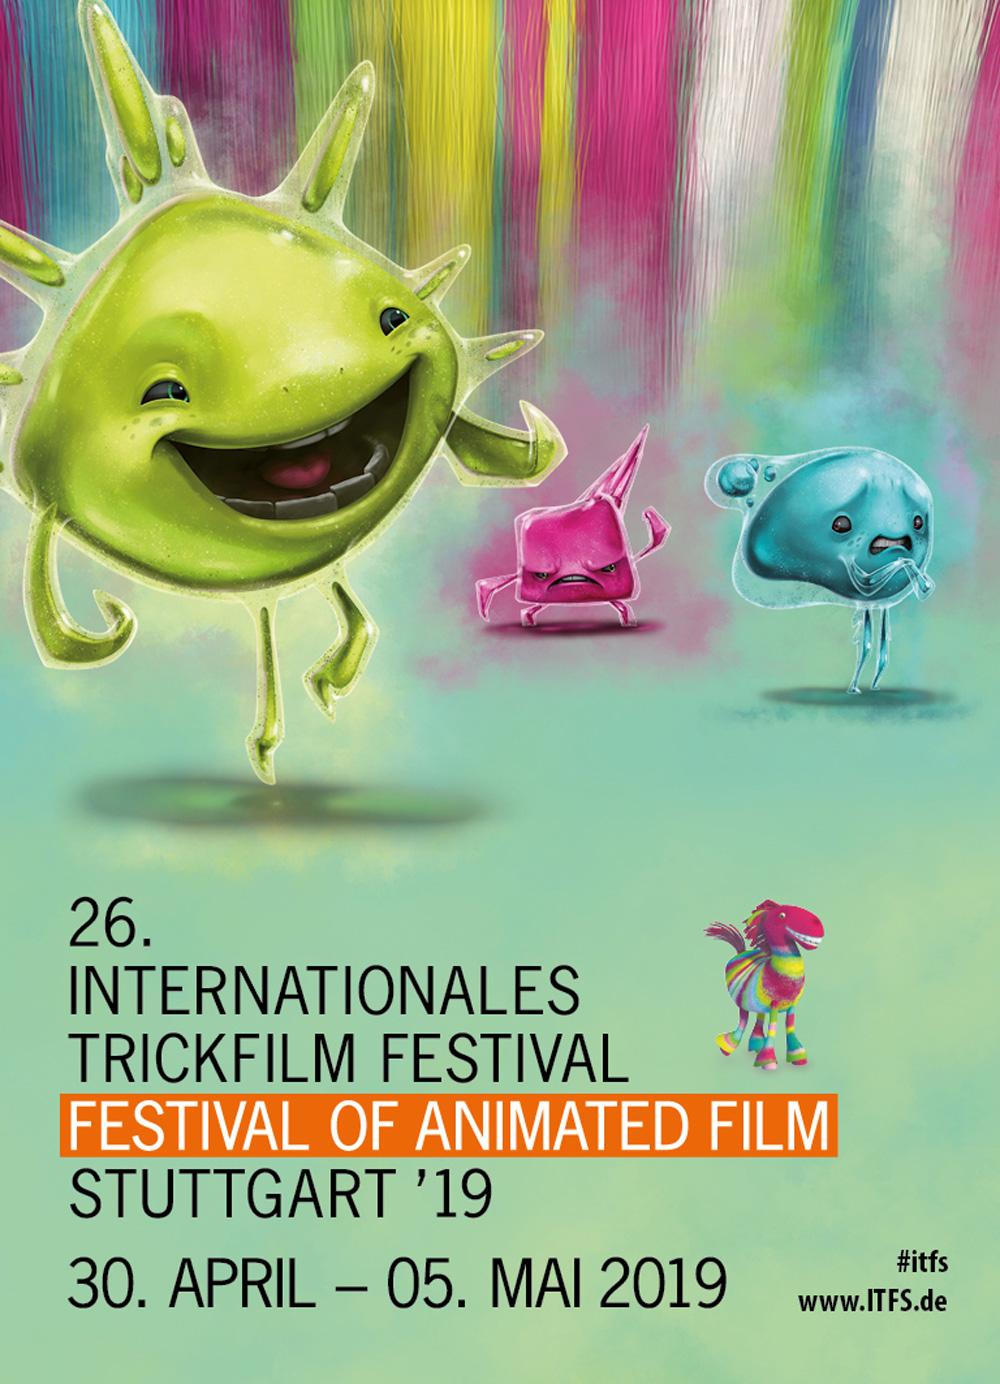 Int'l Festival of Animated Film Stuttgart 2019